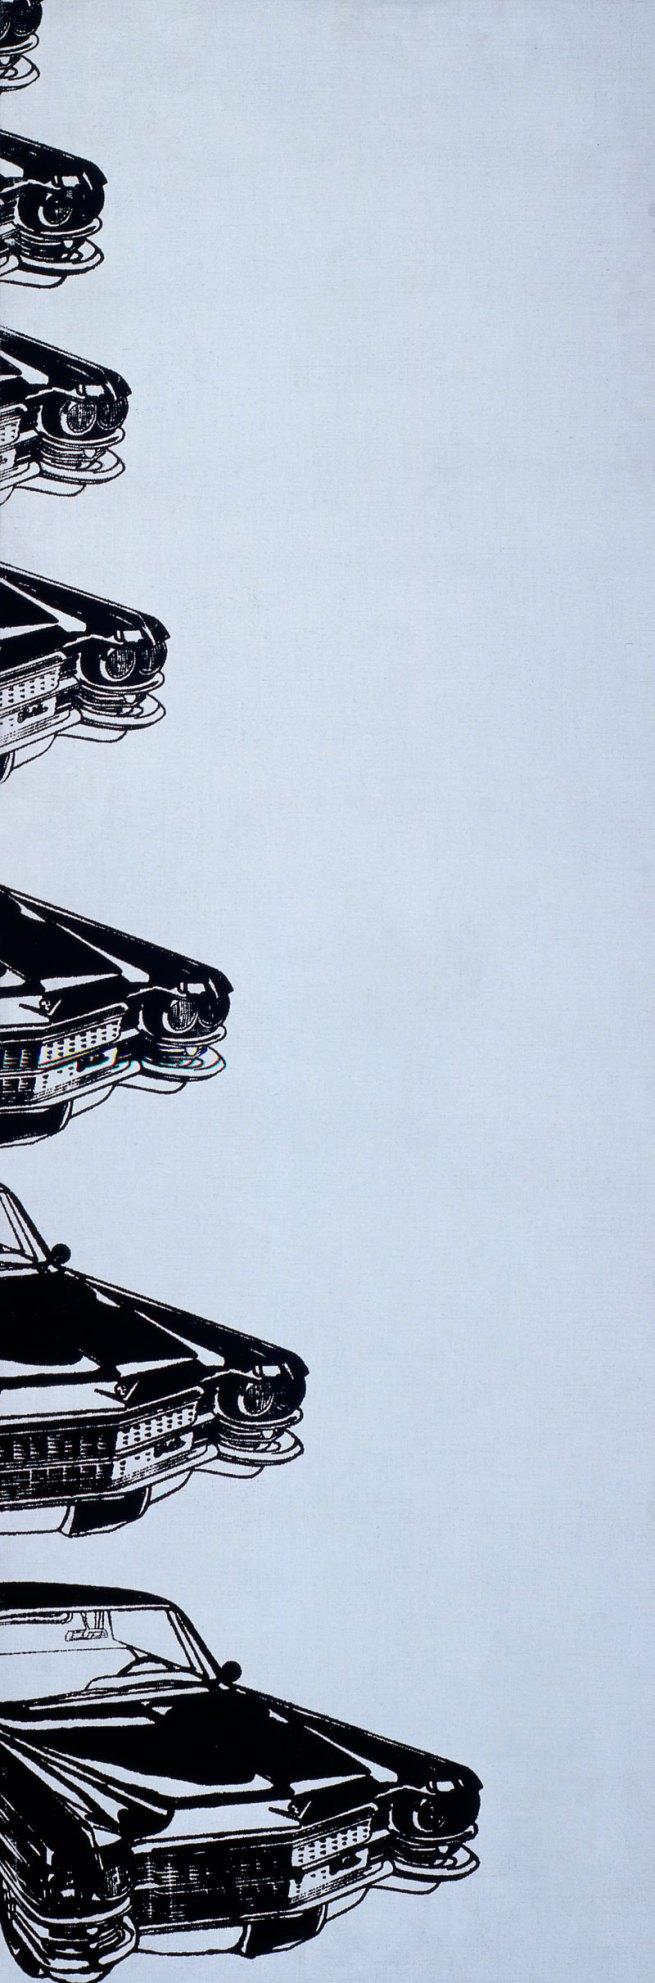 Andy Warhol (1928-87) 'Seven Cadillacs' 1962